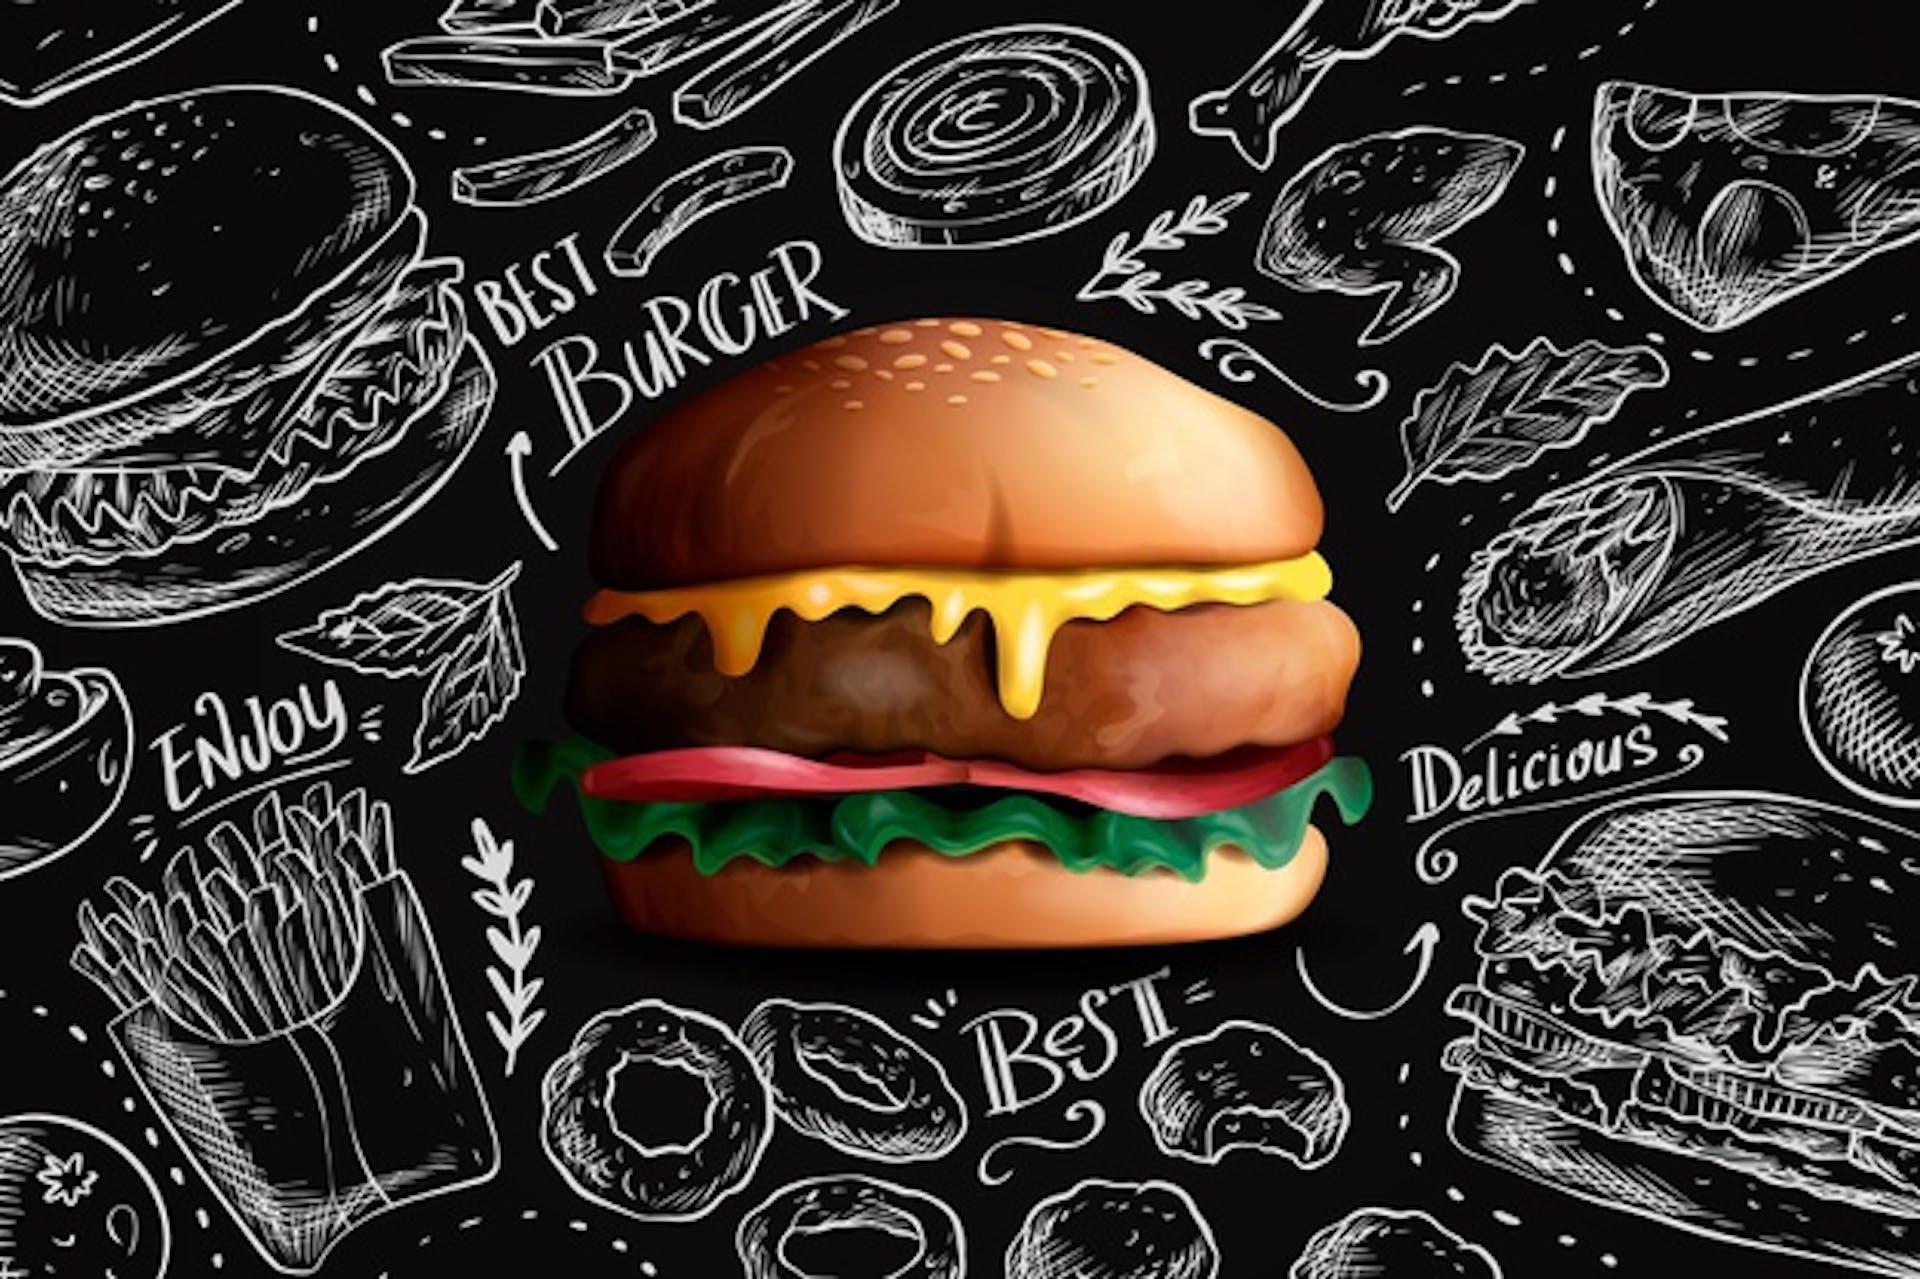 La fabulosa historia de las hamburguesas que seguro desconocías